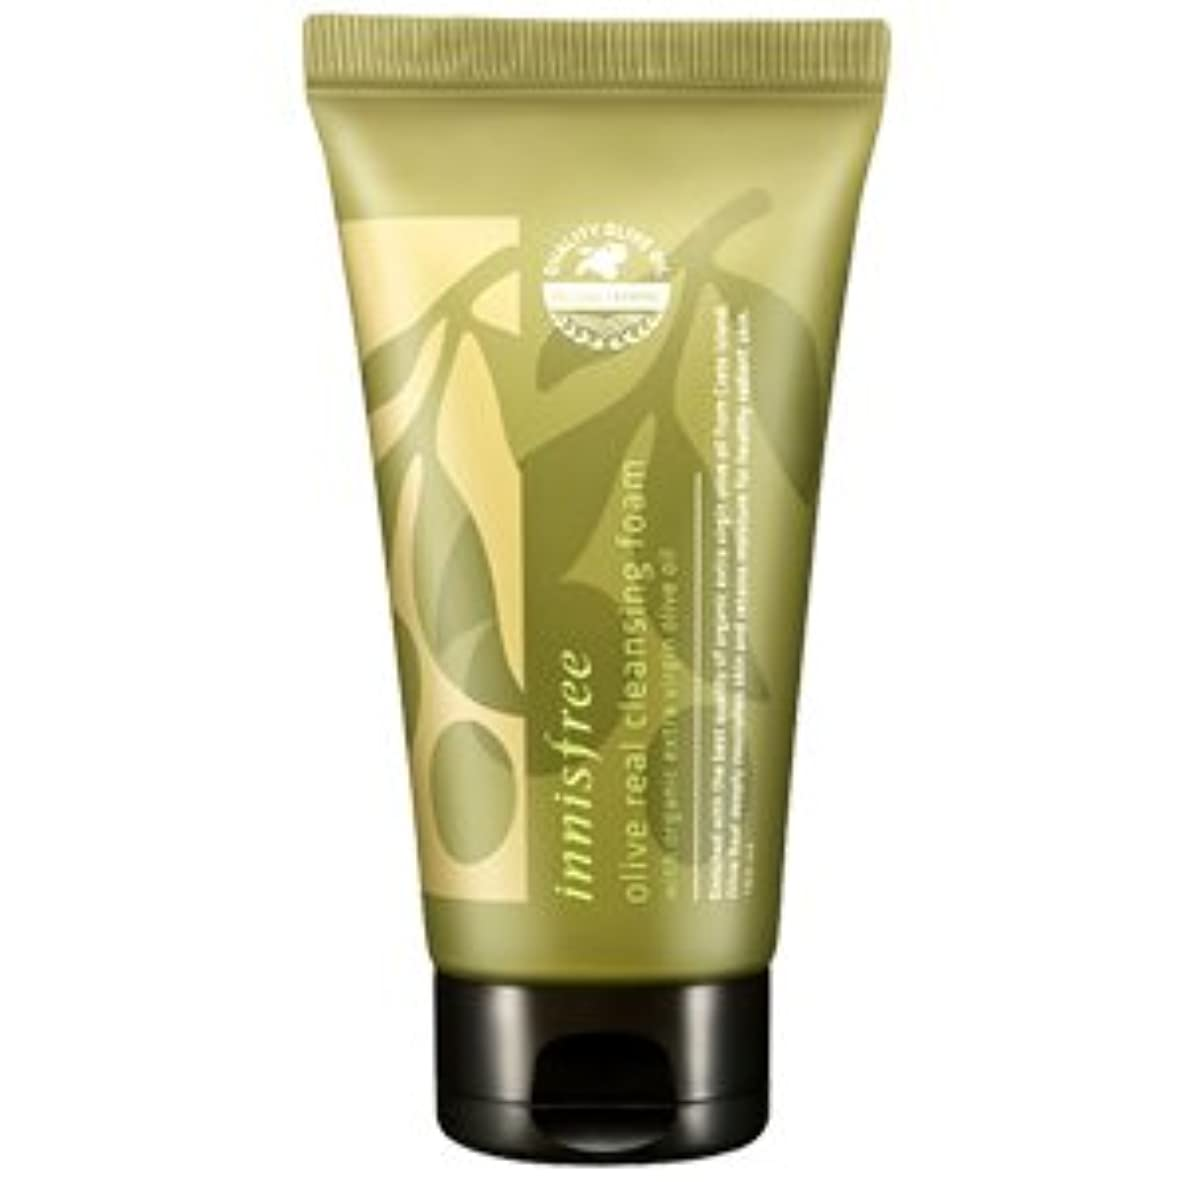 概して衣装三番innisfree(イニスフリー) Olive real cleansing foam AD オリーブ リアル クレンジング フォーム 150ml